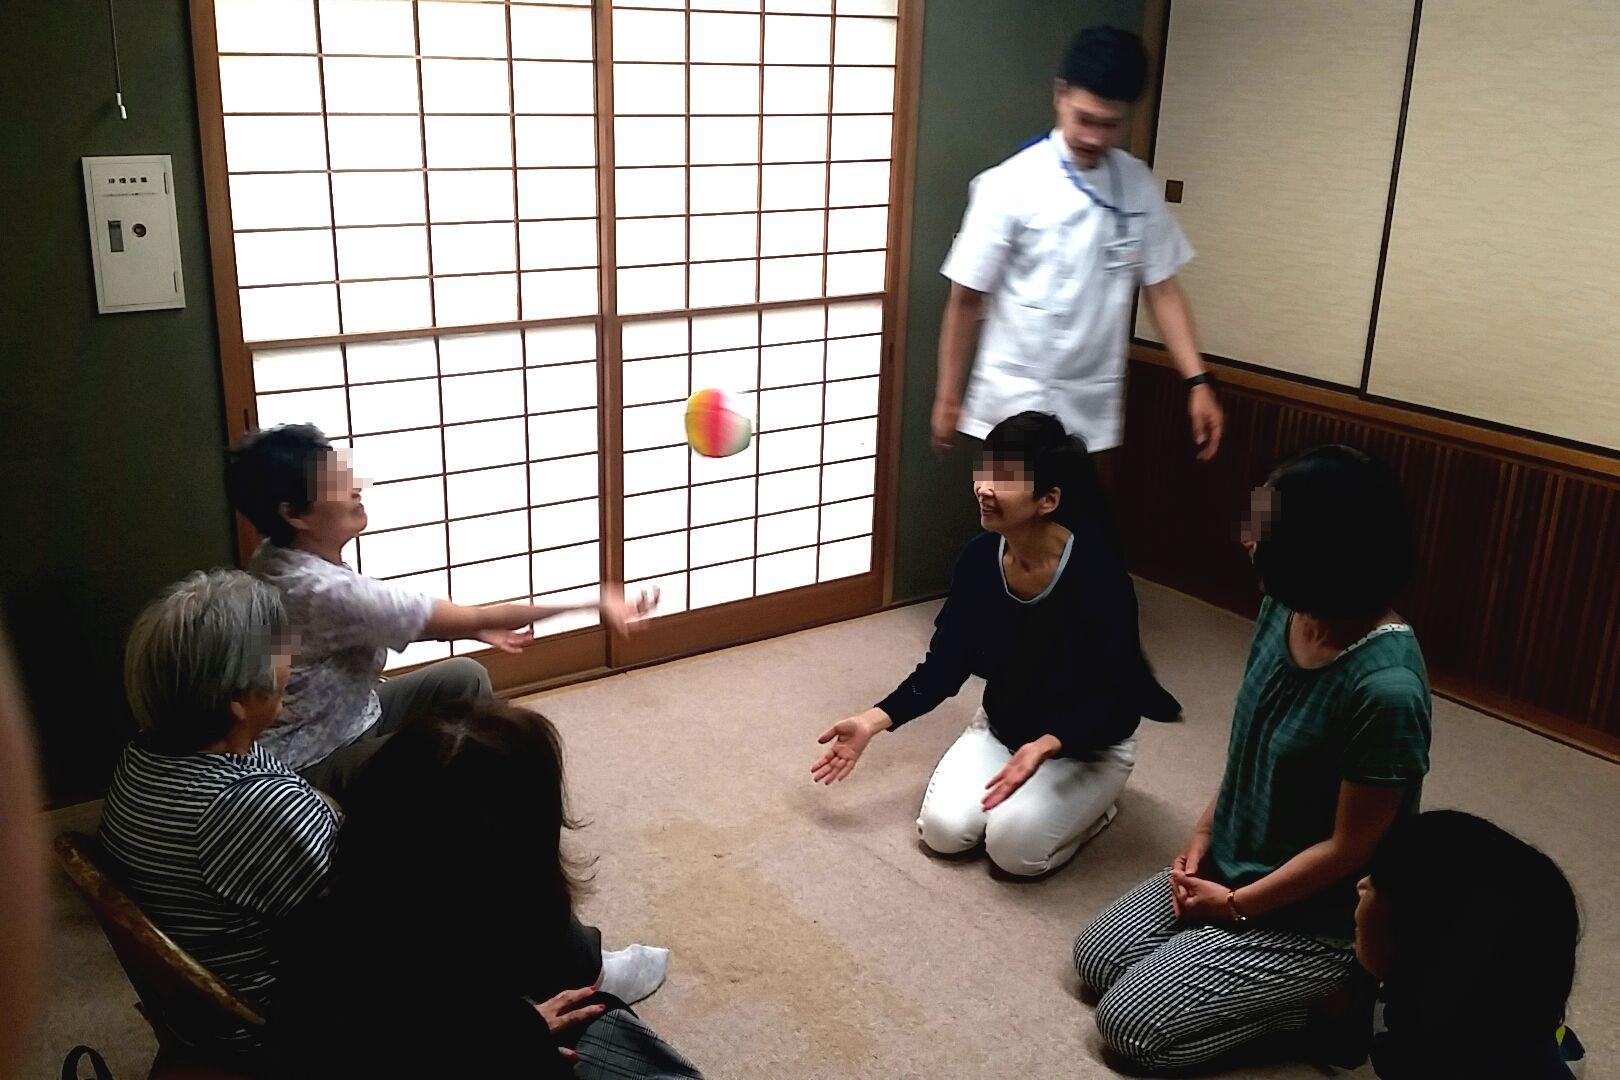 中野区 訪問マッサージ 東京在宅サービスの研修会活動/弥生カフェ